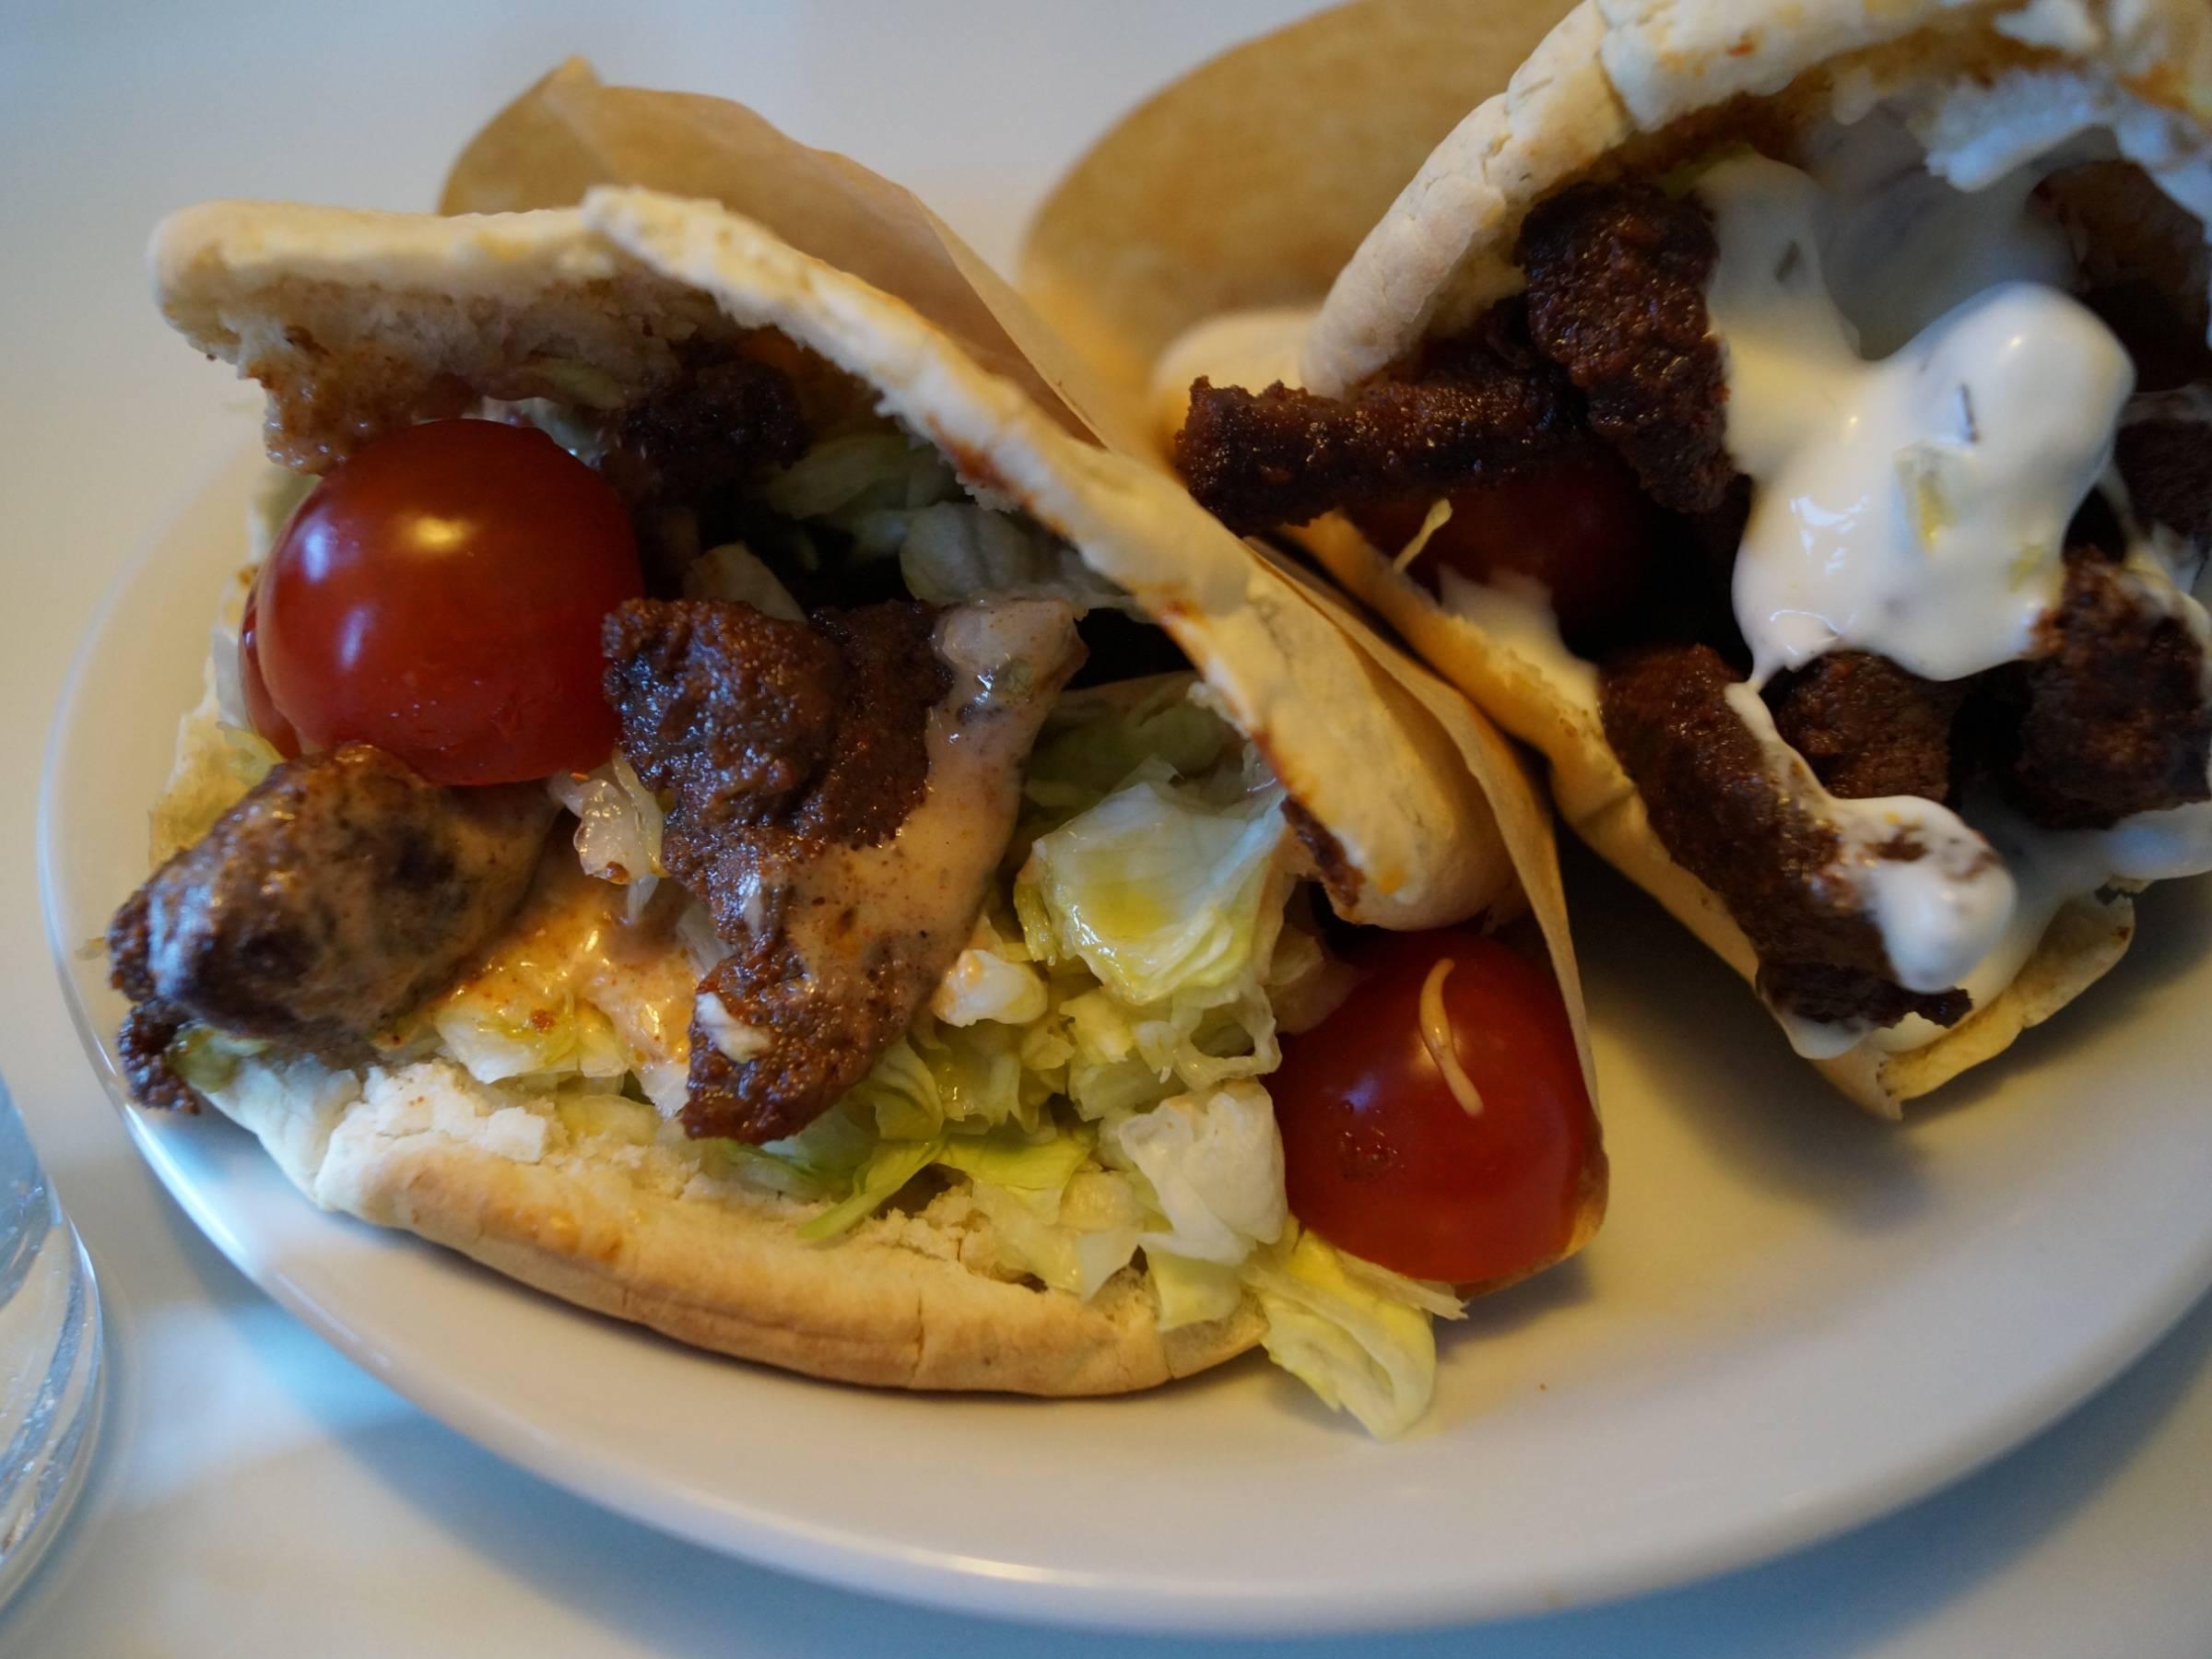 Pitabrød med kebab og salat